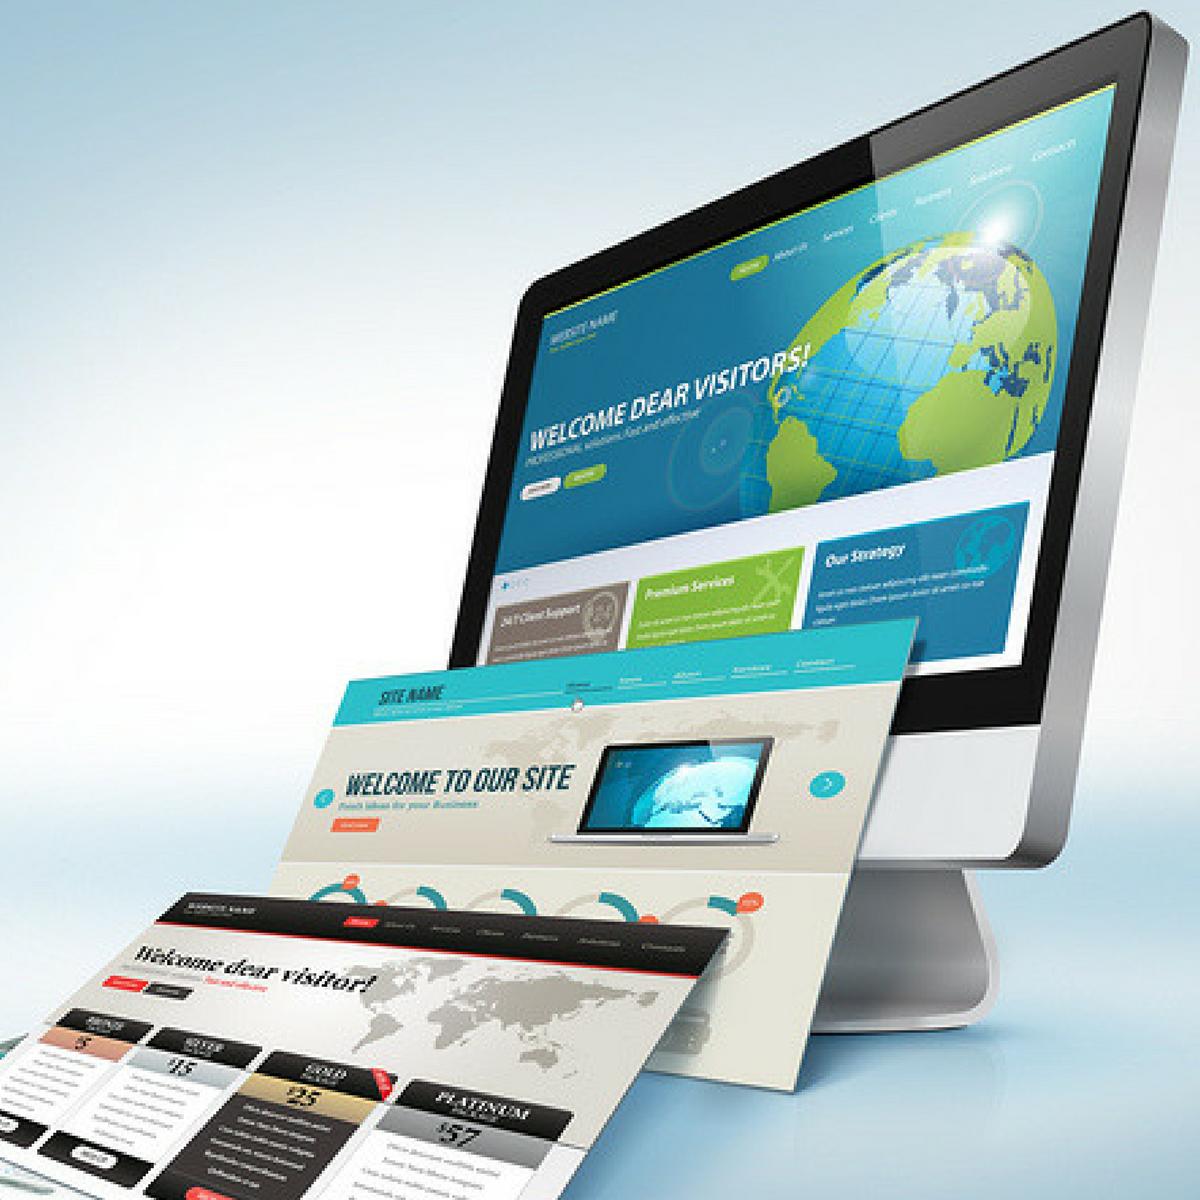 Можно ли скопировать сайт и сделать его своим как можно сделать официальный сайт на